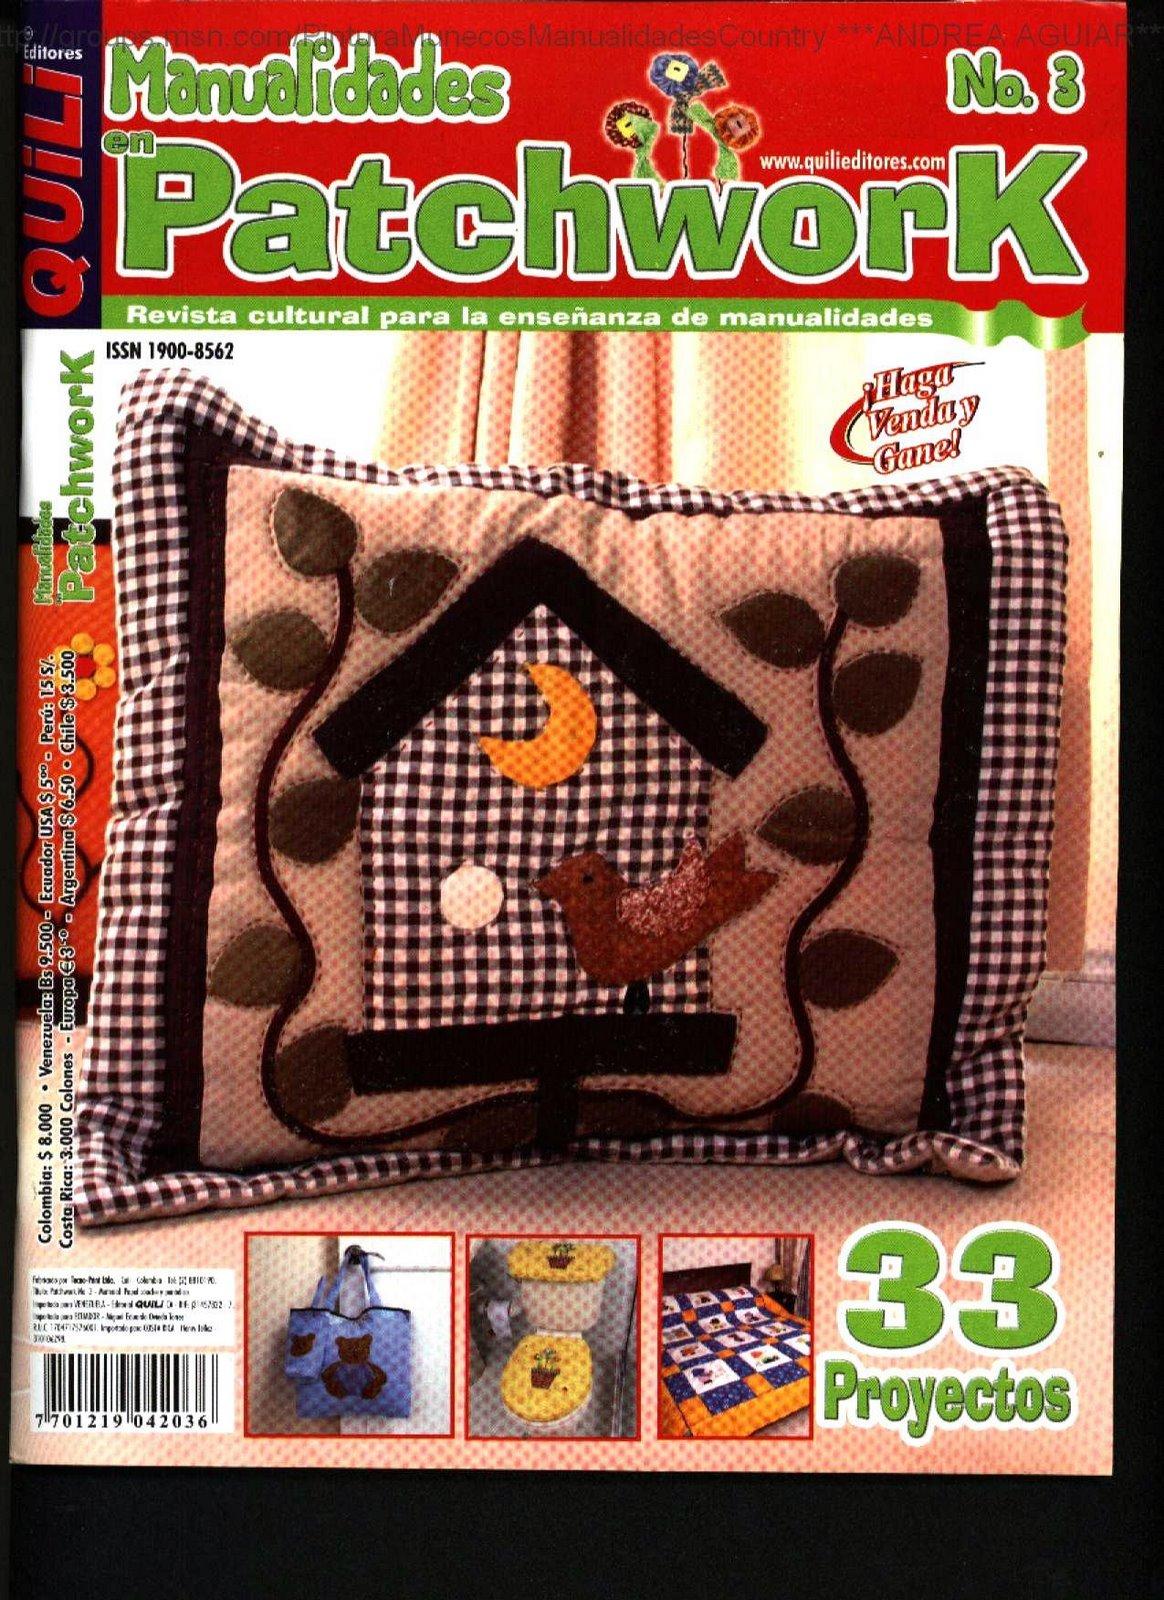 Patchwork 33 Proyectos Cojines Juego De Bano Edredon Infantil - Edredones-password